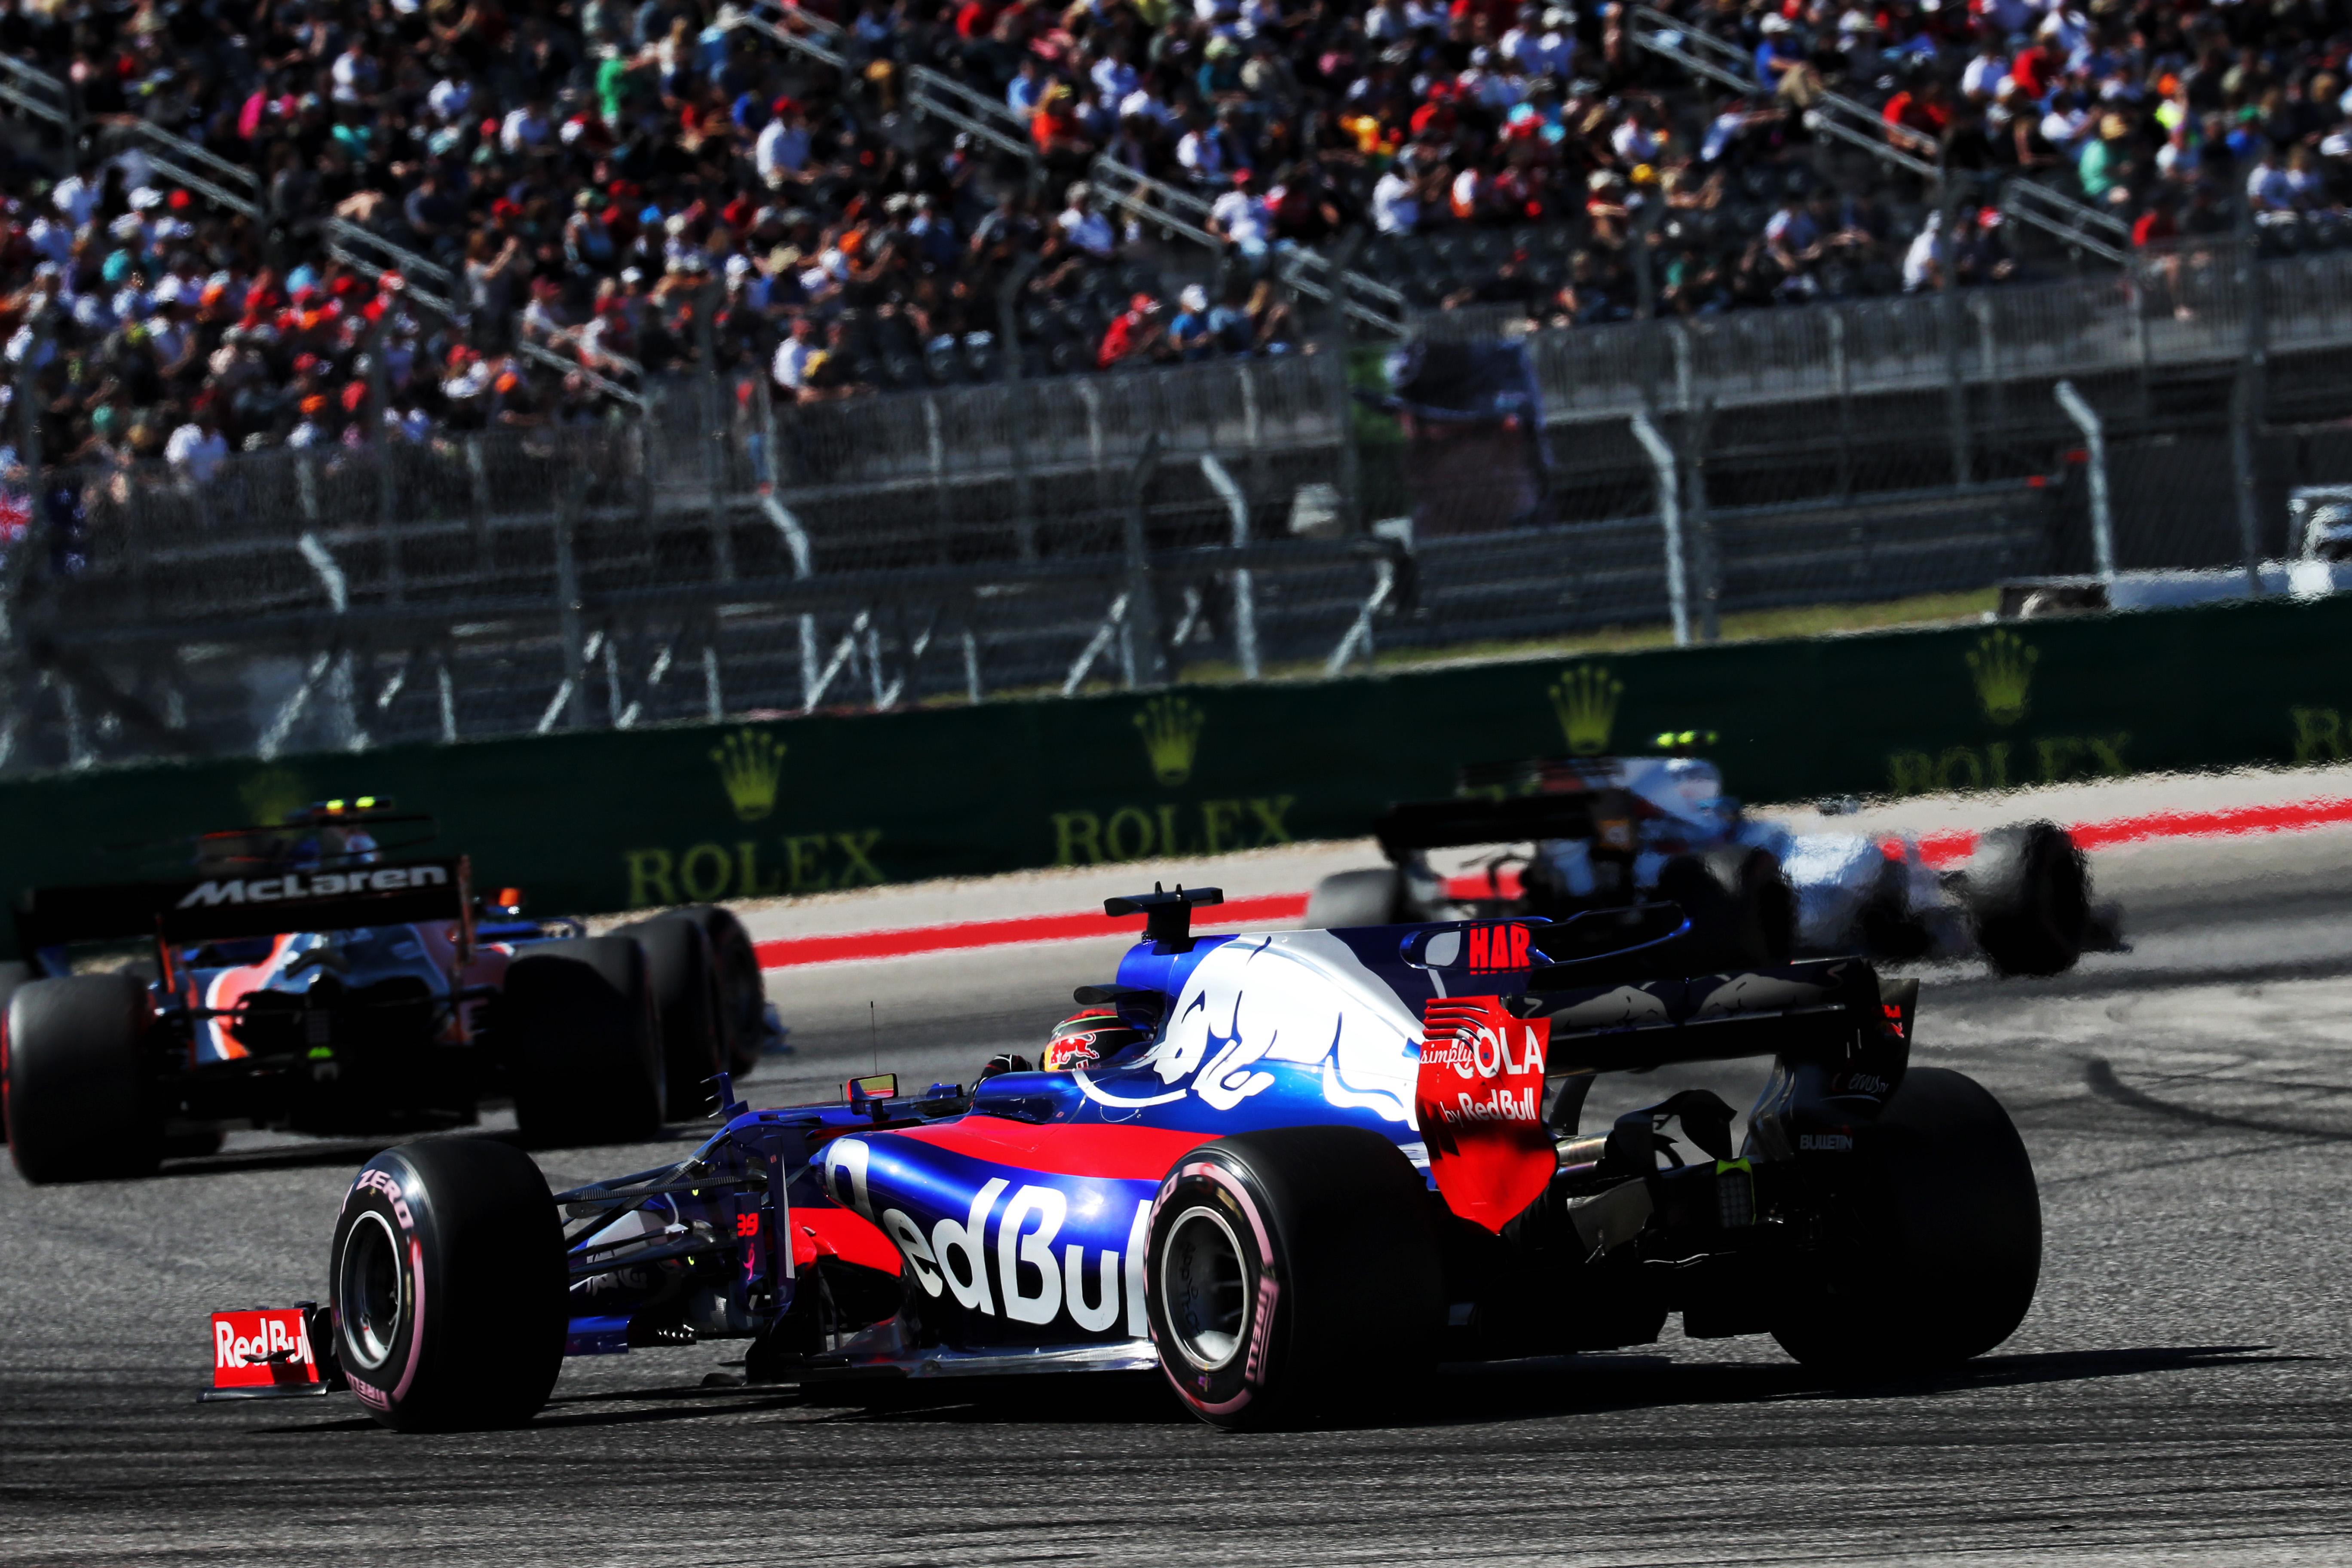 Автогонки Формула-1 Чемпионат мира Гран-при США День гонки Остин, США